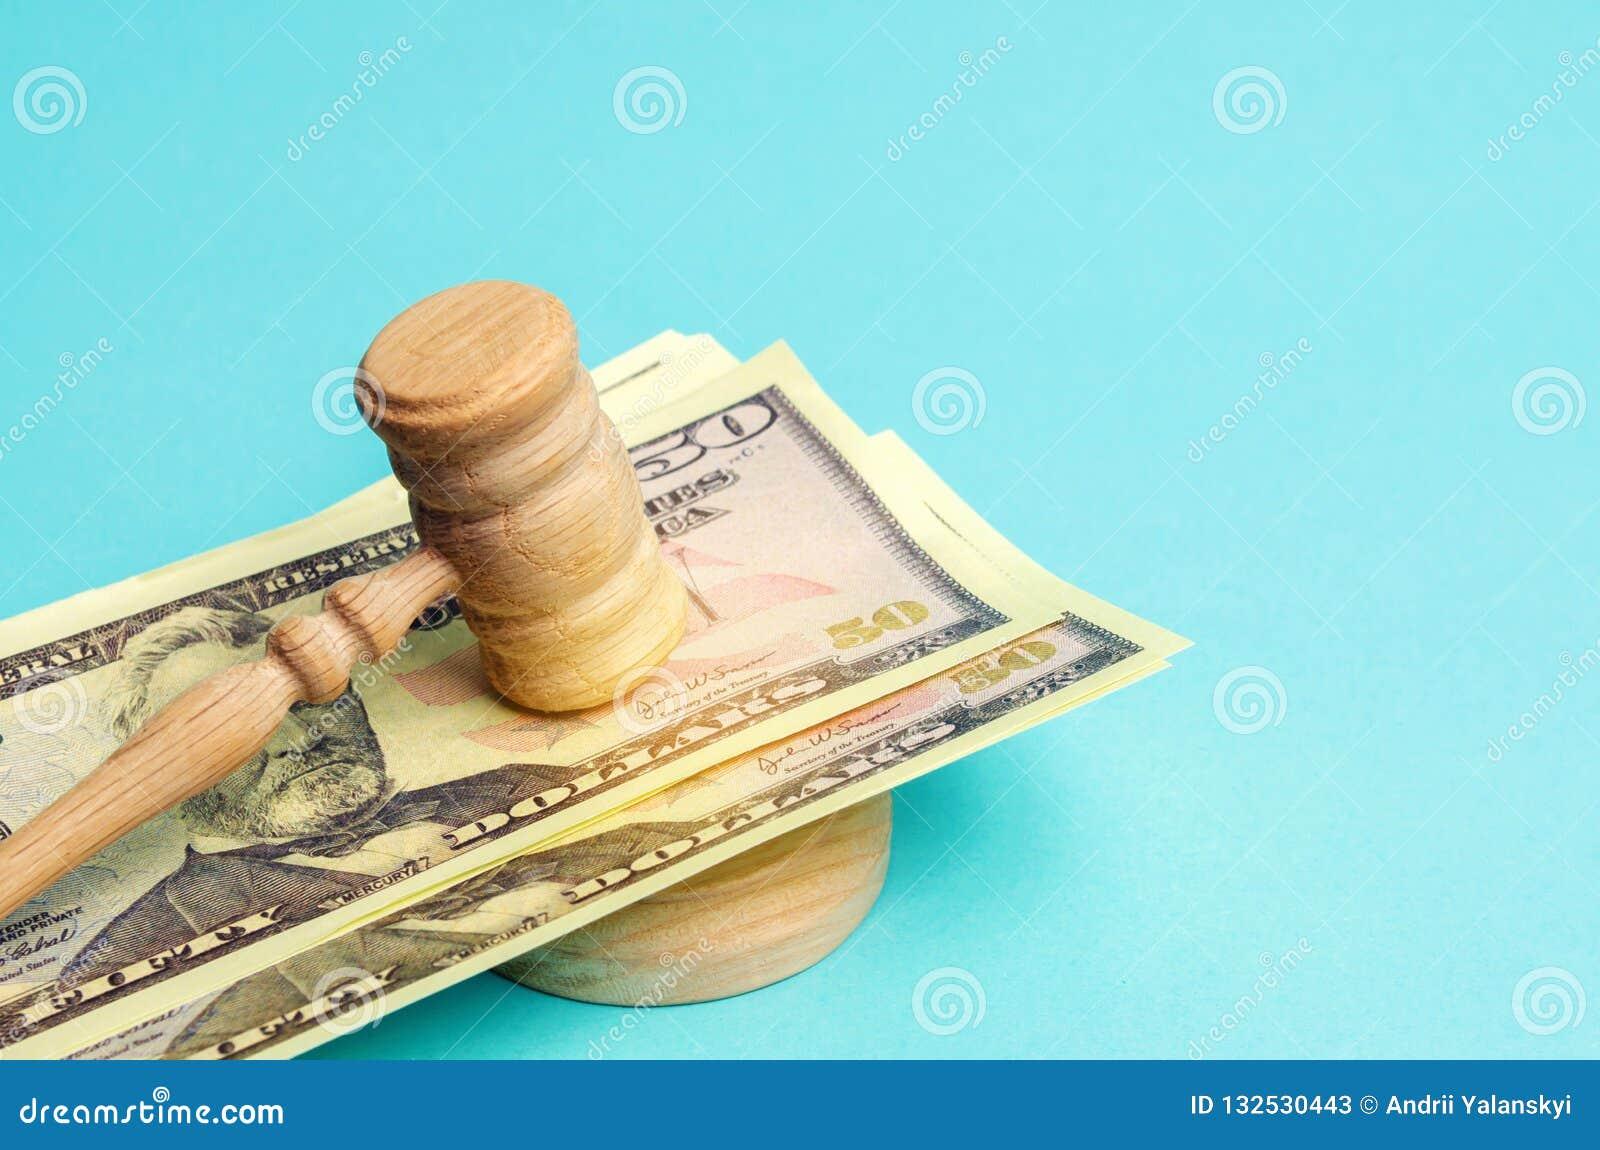 Αμερικανικά δολάρια και σφυρί του δικαστή/gavel Η έννοια της δωροδοκίας στο κράτος και την κυβέρνηση δικαστήριο Πτώχευση, δωροδοκ